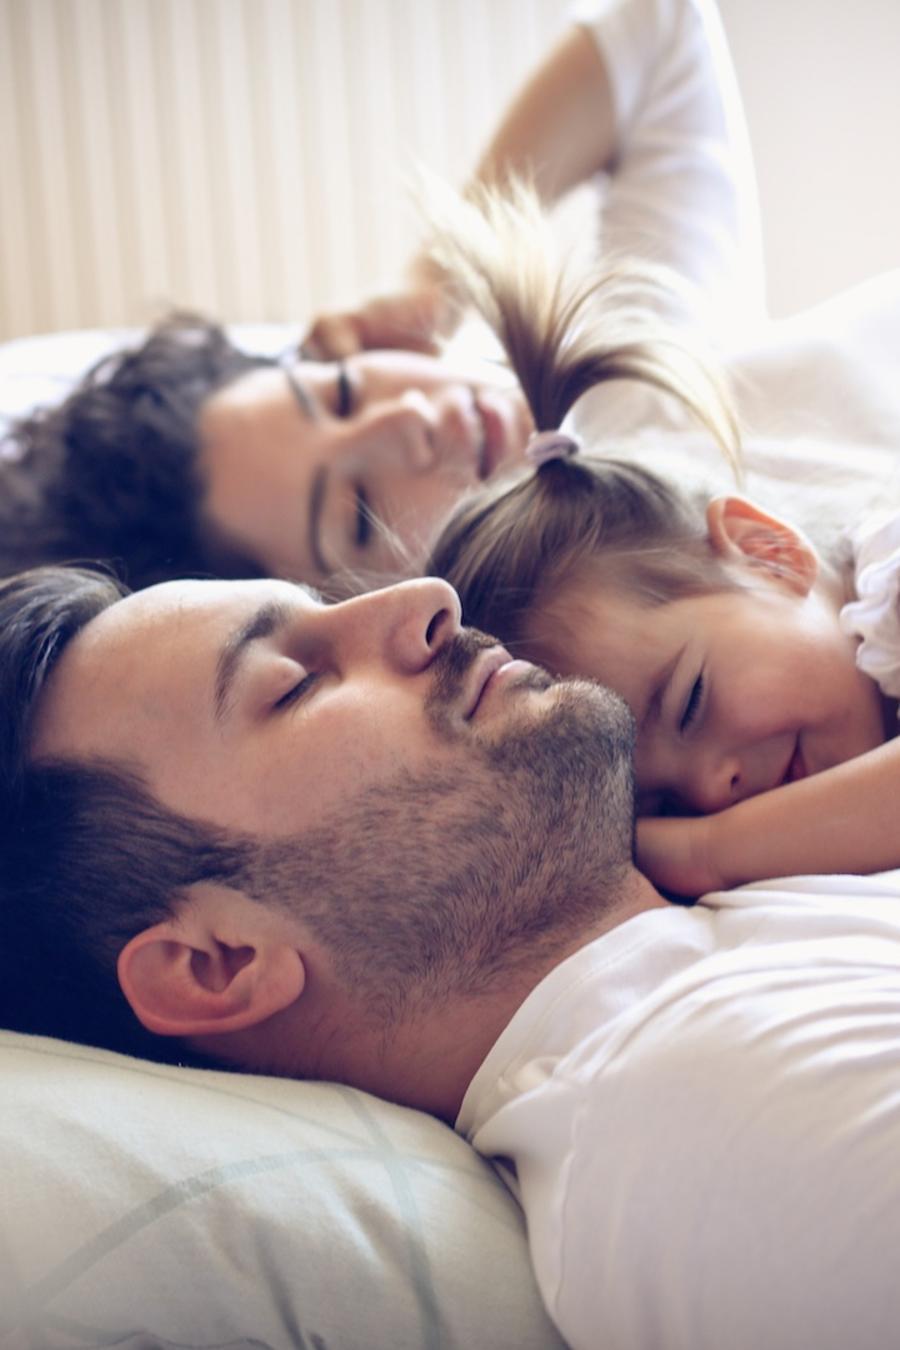 Madre y padre durmiendo con hija en la cama